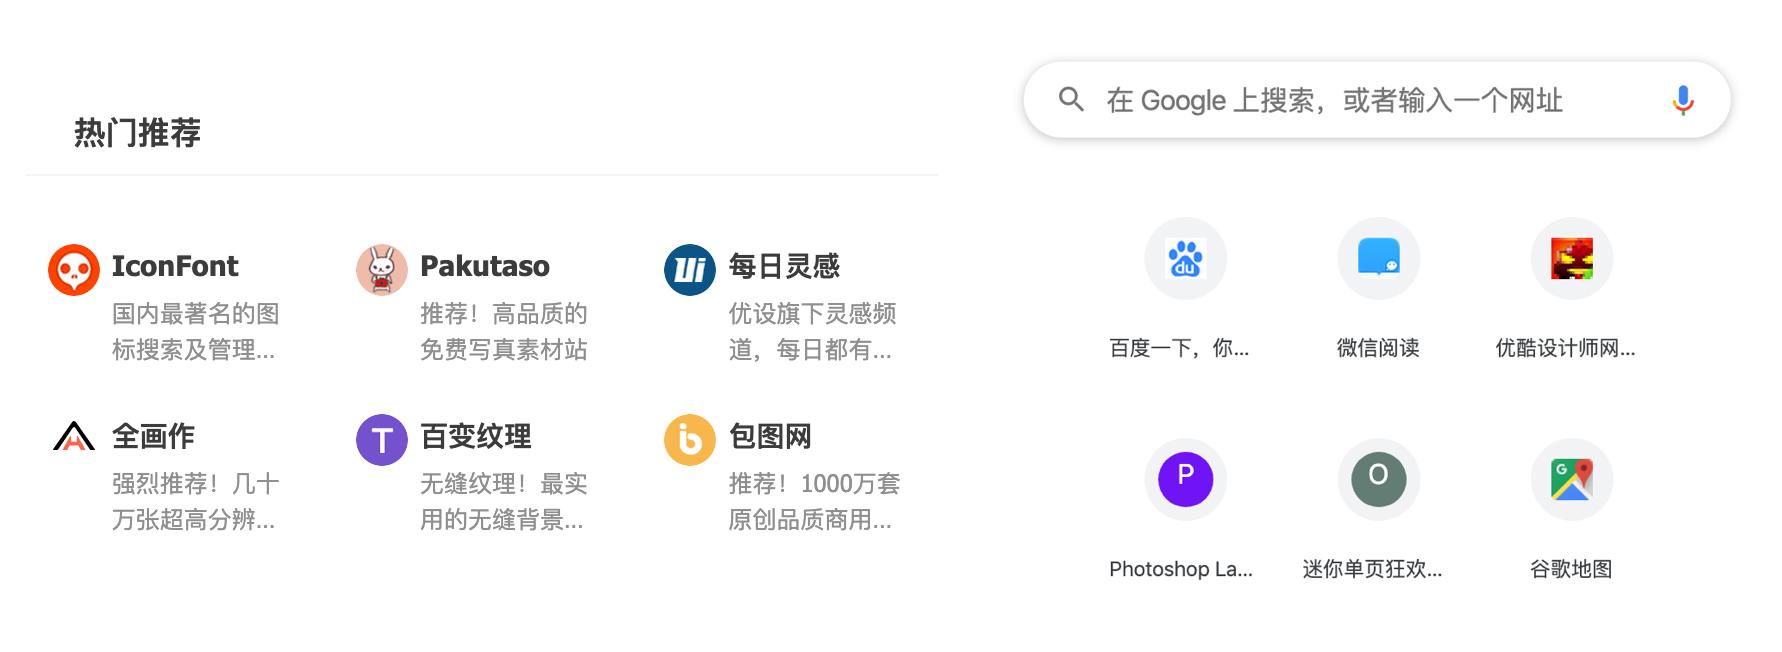 优设设计师网址导航(左)、Chrome自定义导航(右)